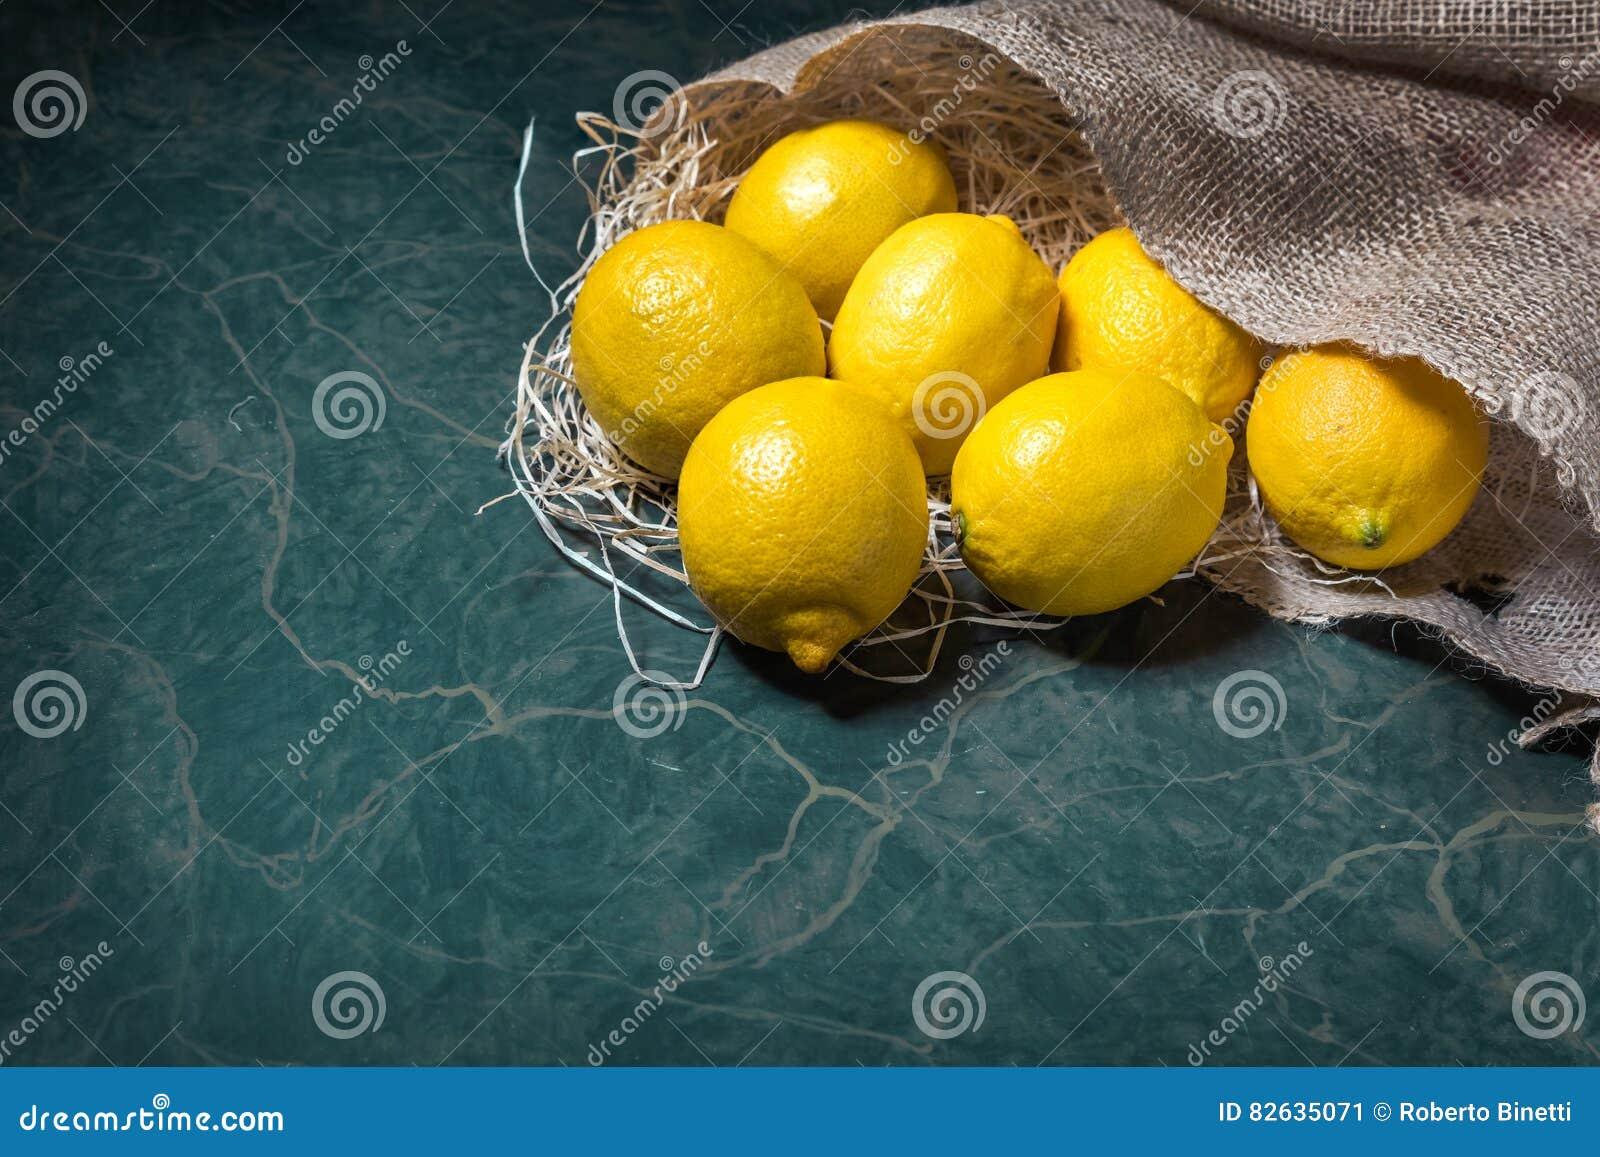 Resultado de imagen para saco de limones